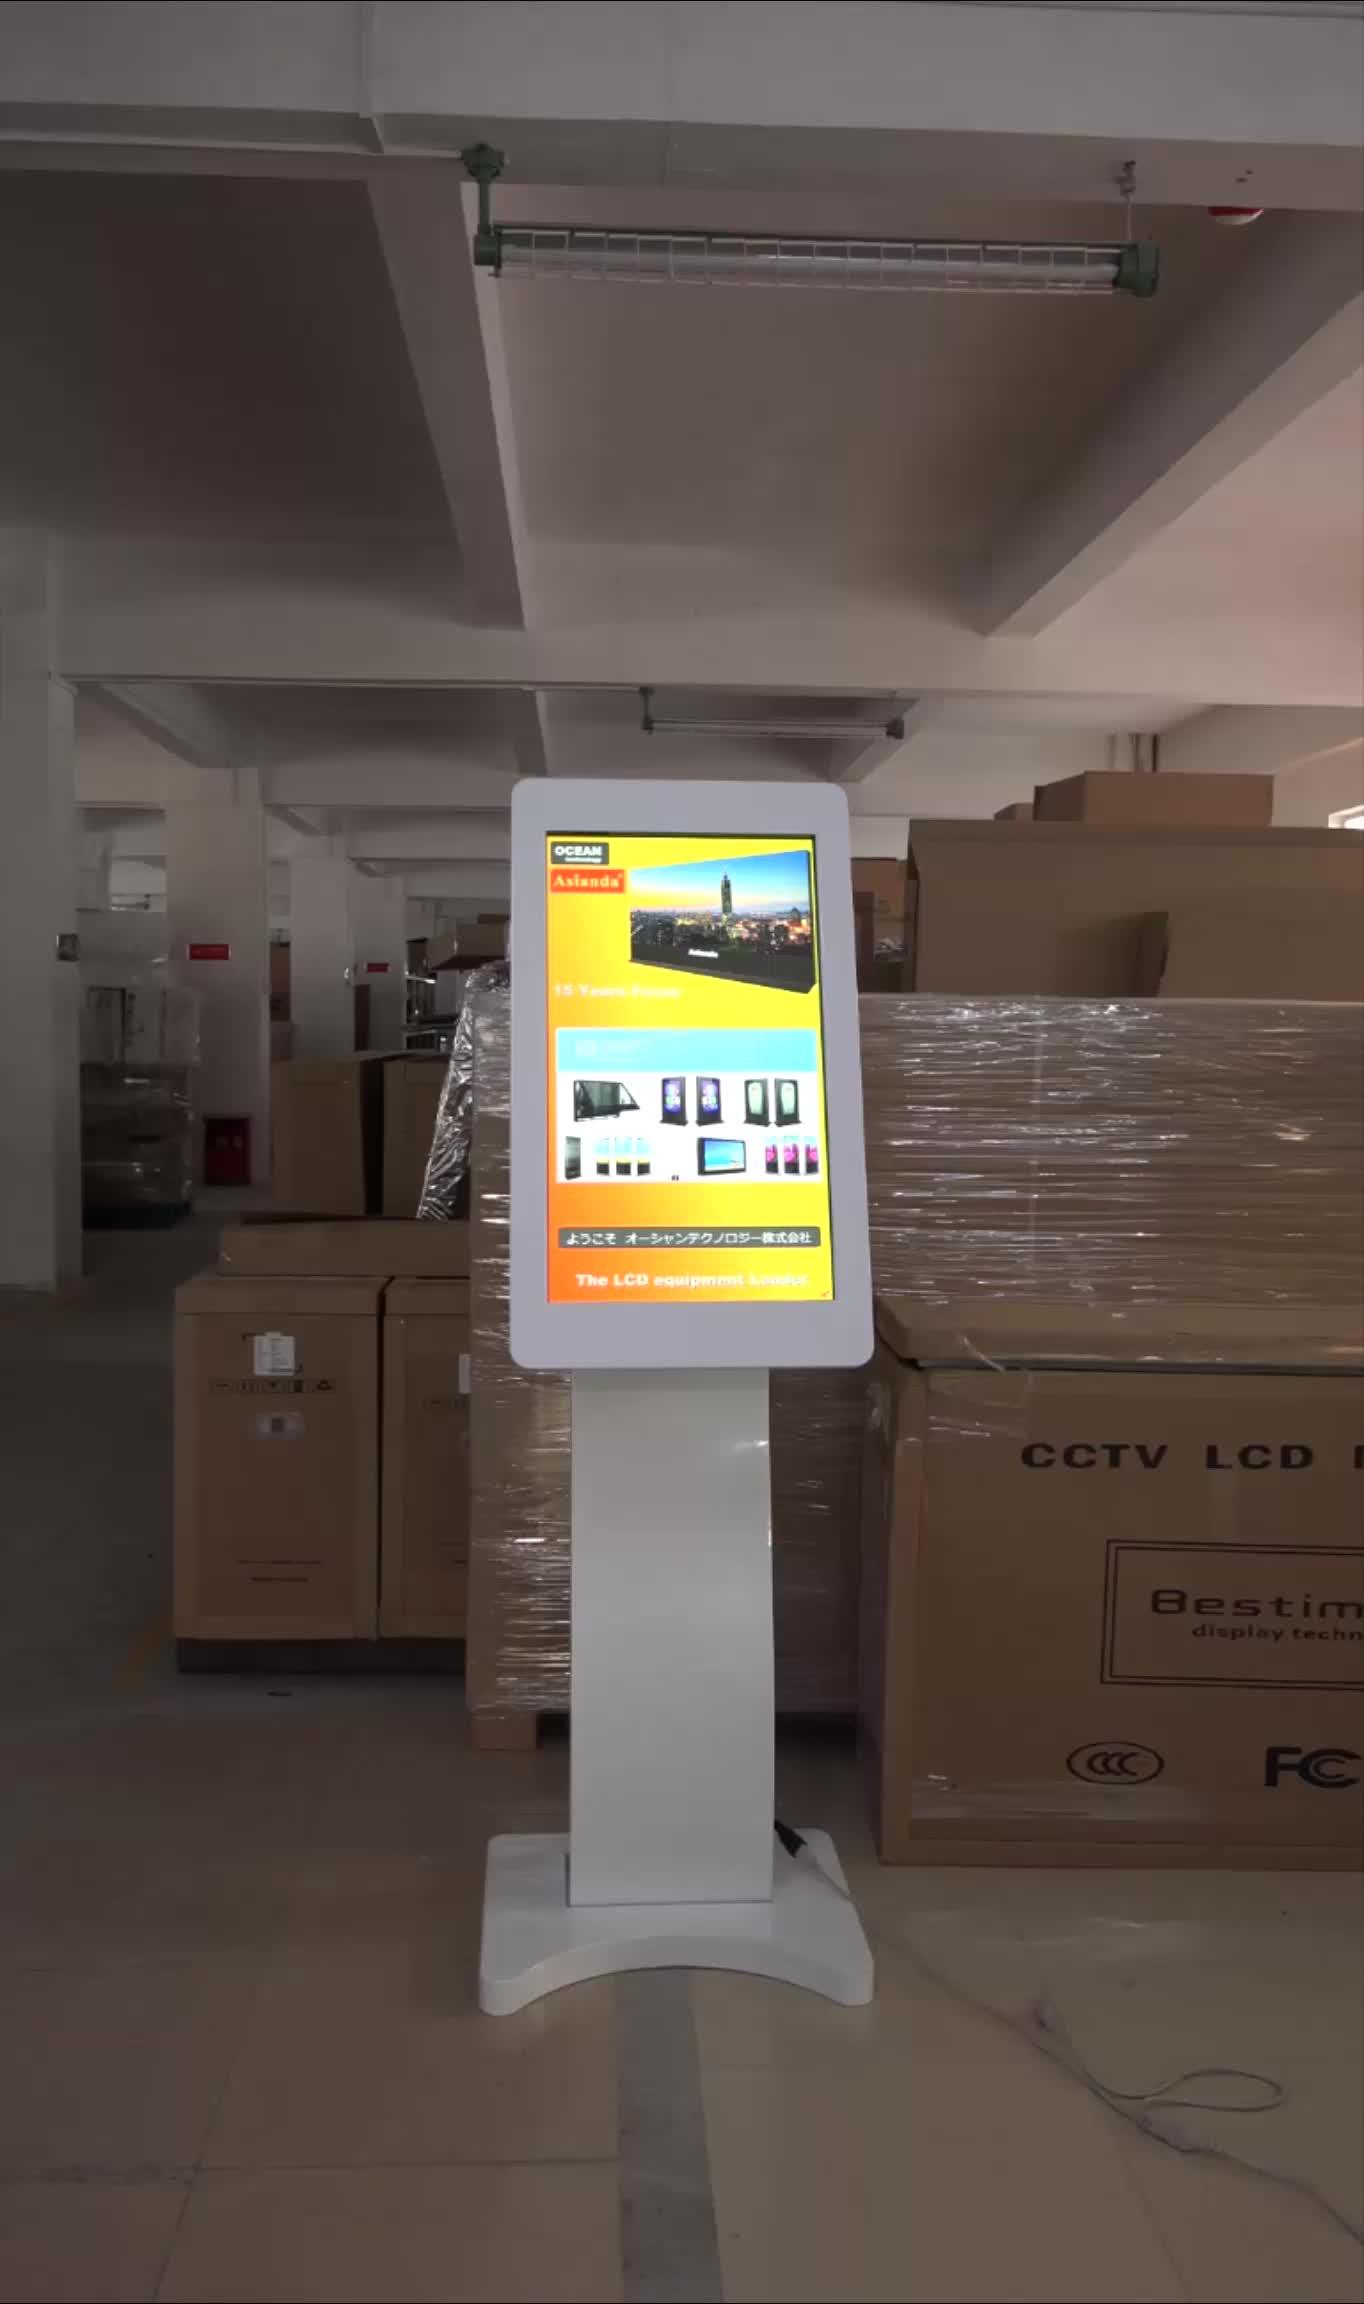 32 inch lcd vloerstaande wifi netwerk en android digital signage reclame-speler